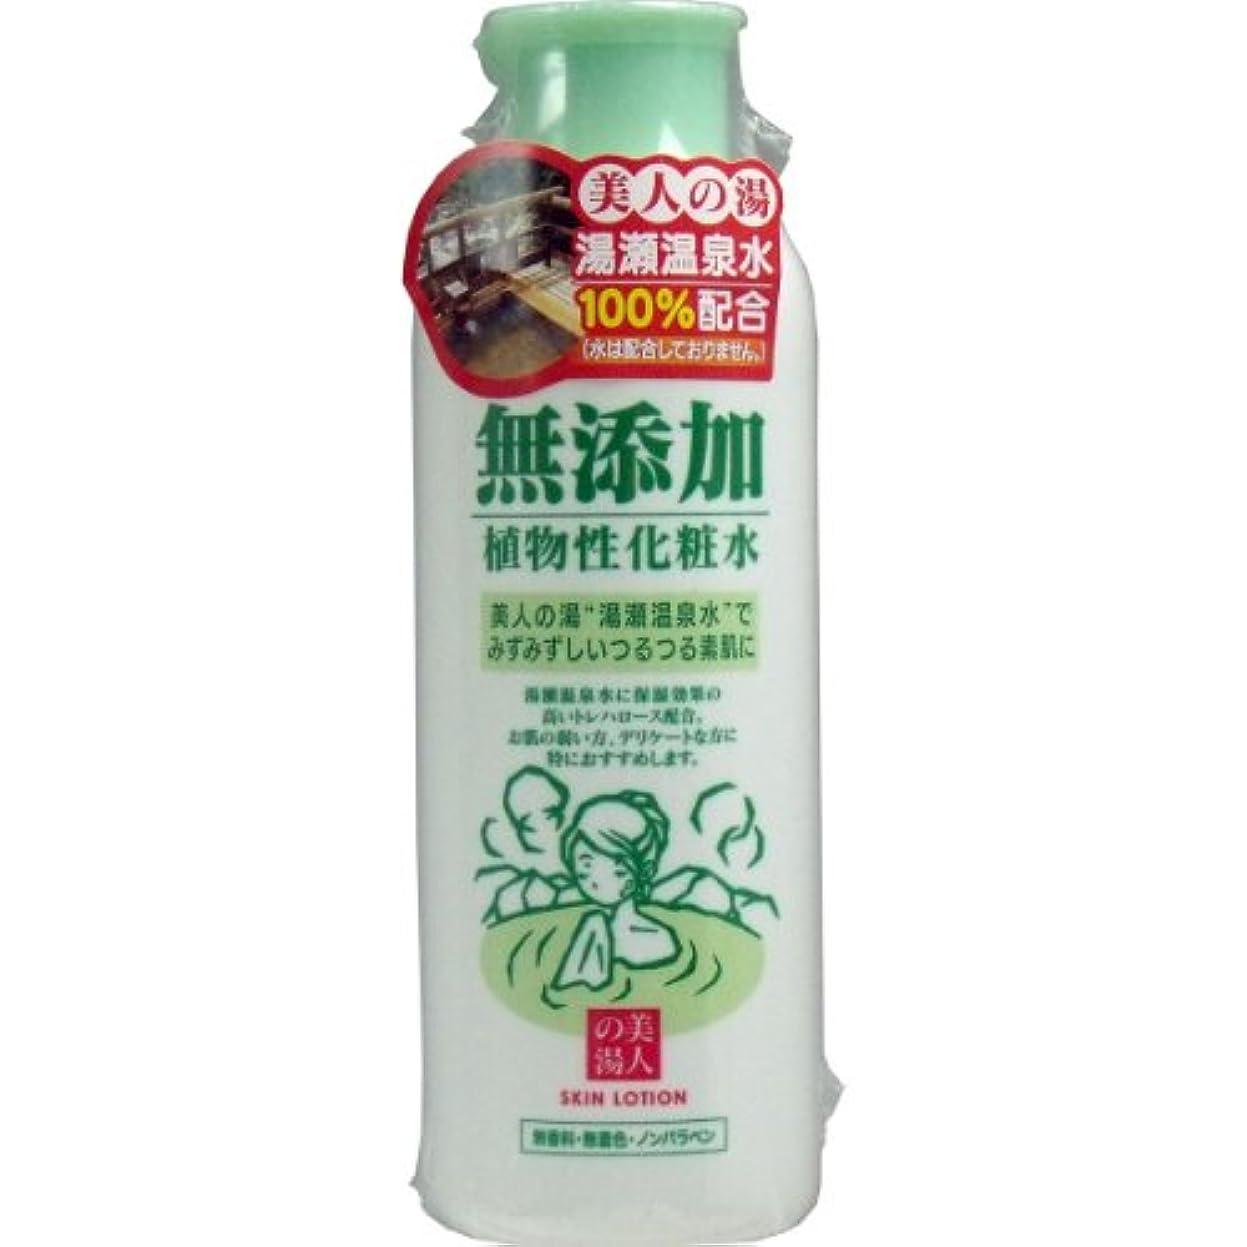 極めて落花生バブルユゼ 無添加植物性 化粧水 200ml 【3セット】